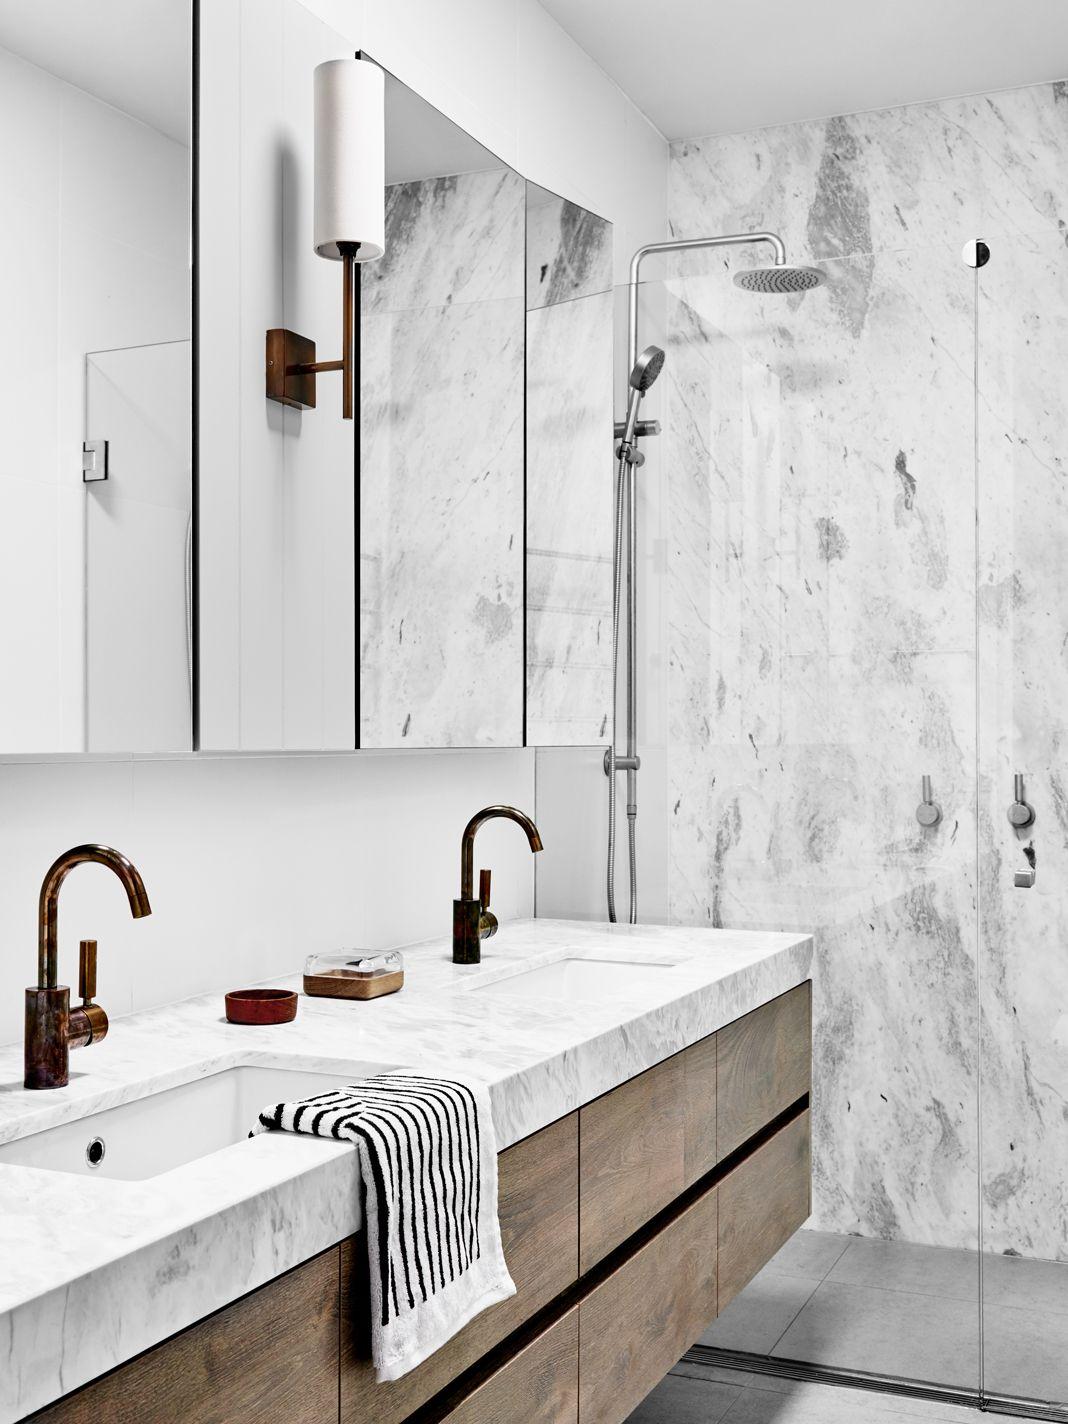 Rinahensen Interior Do Banheiro Design De Interiores De Banheiro Banheiro Estilo Moderno